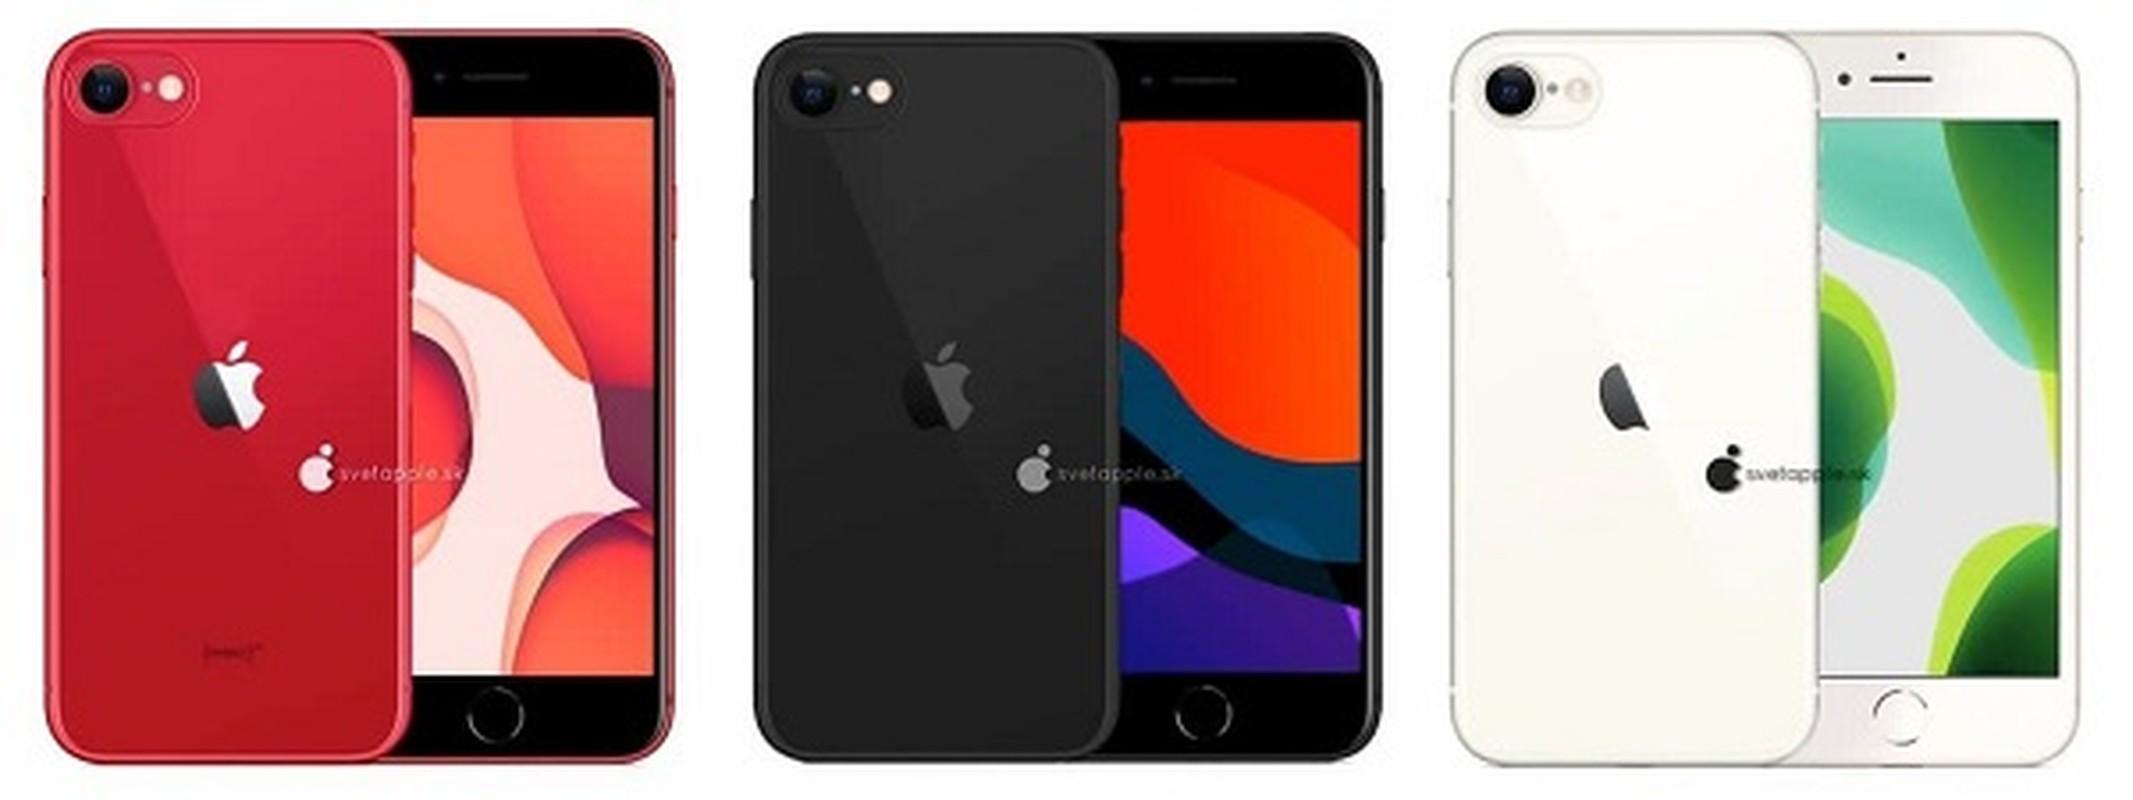 iPhone 9 xep hang binh dan co kieu dang chanh sa co nao?-Hinh-4